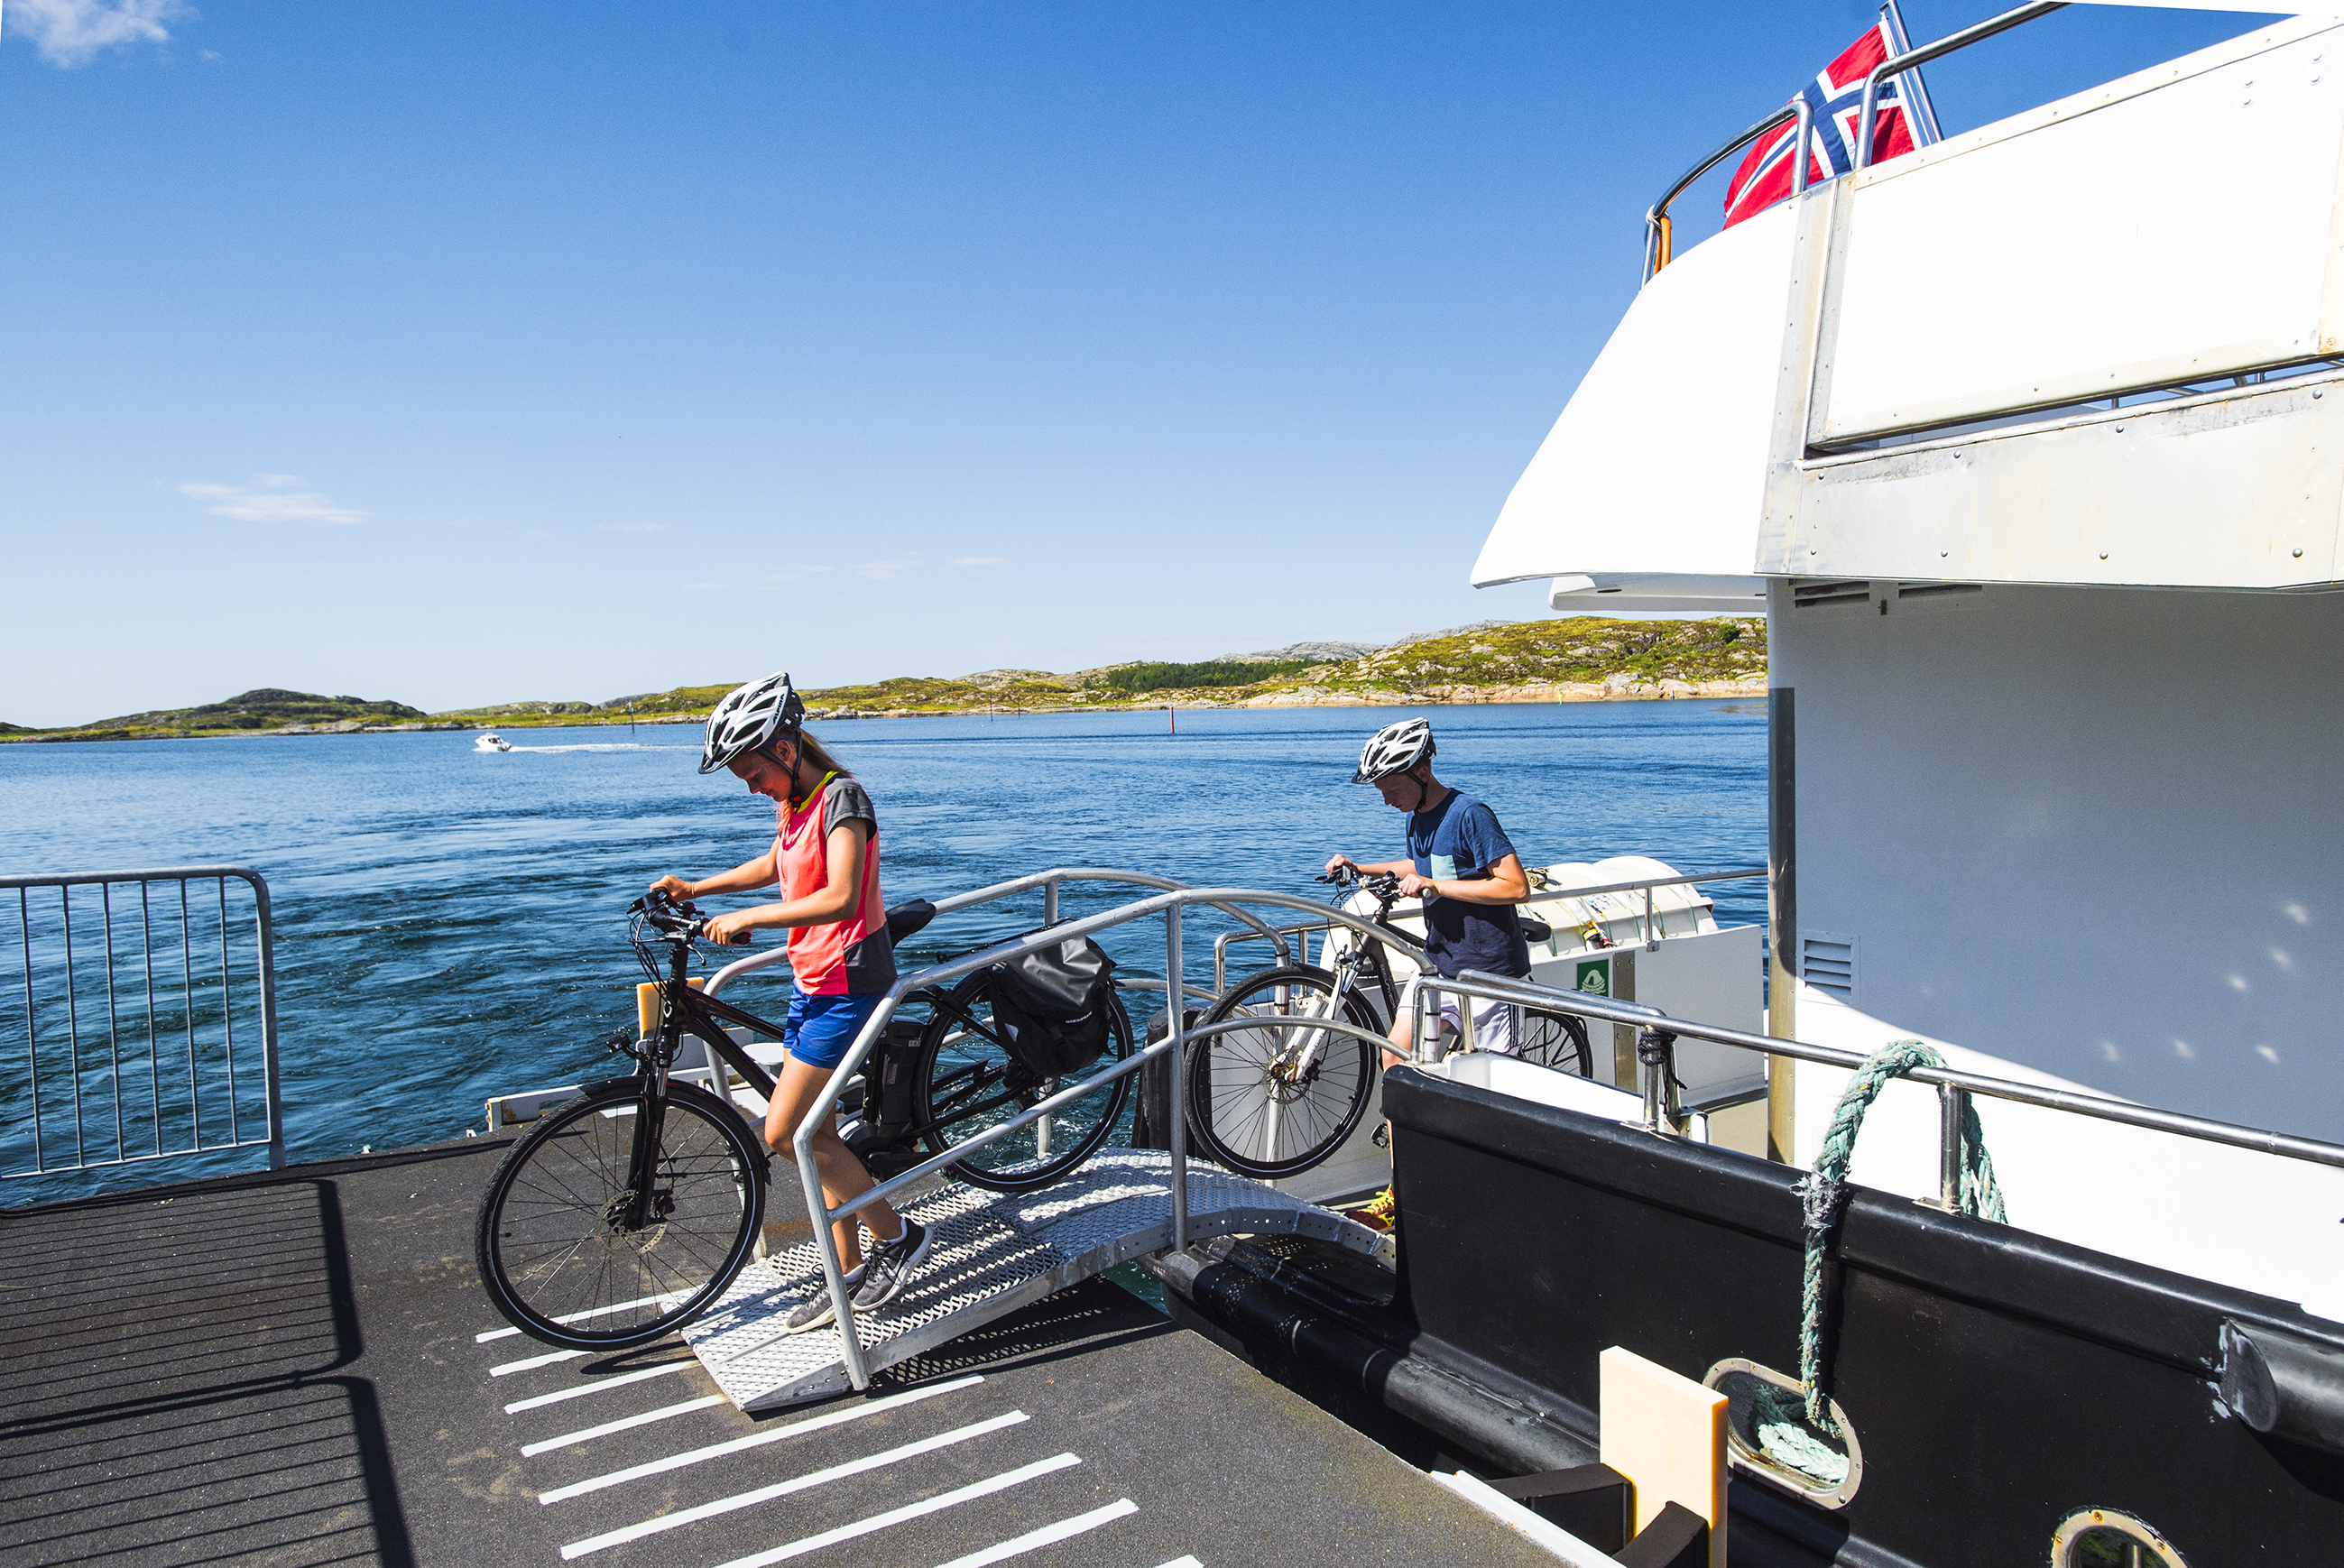 Fra Abelvær tar dere båten opp til Rørvik.